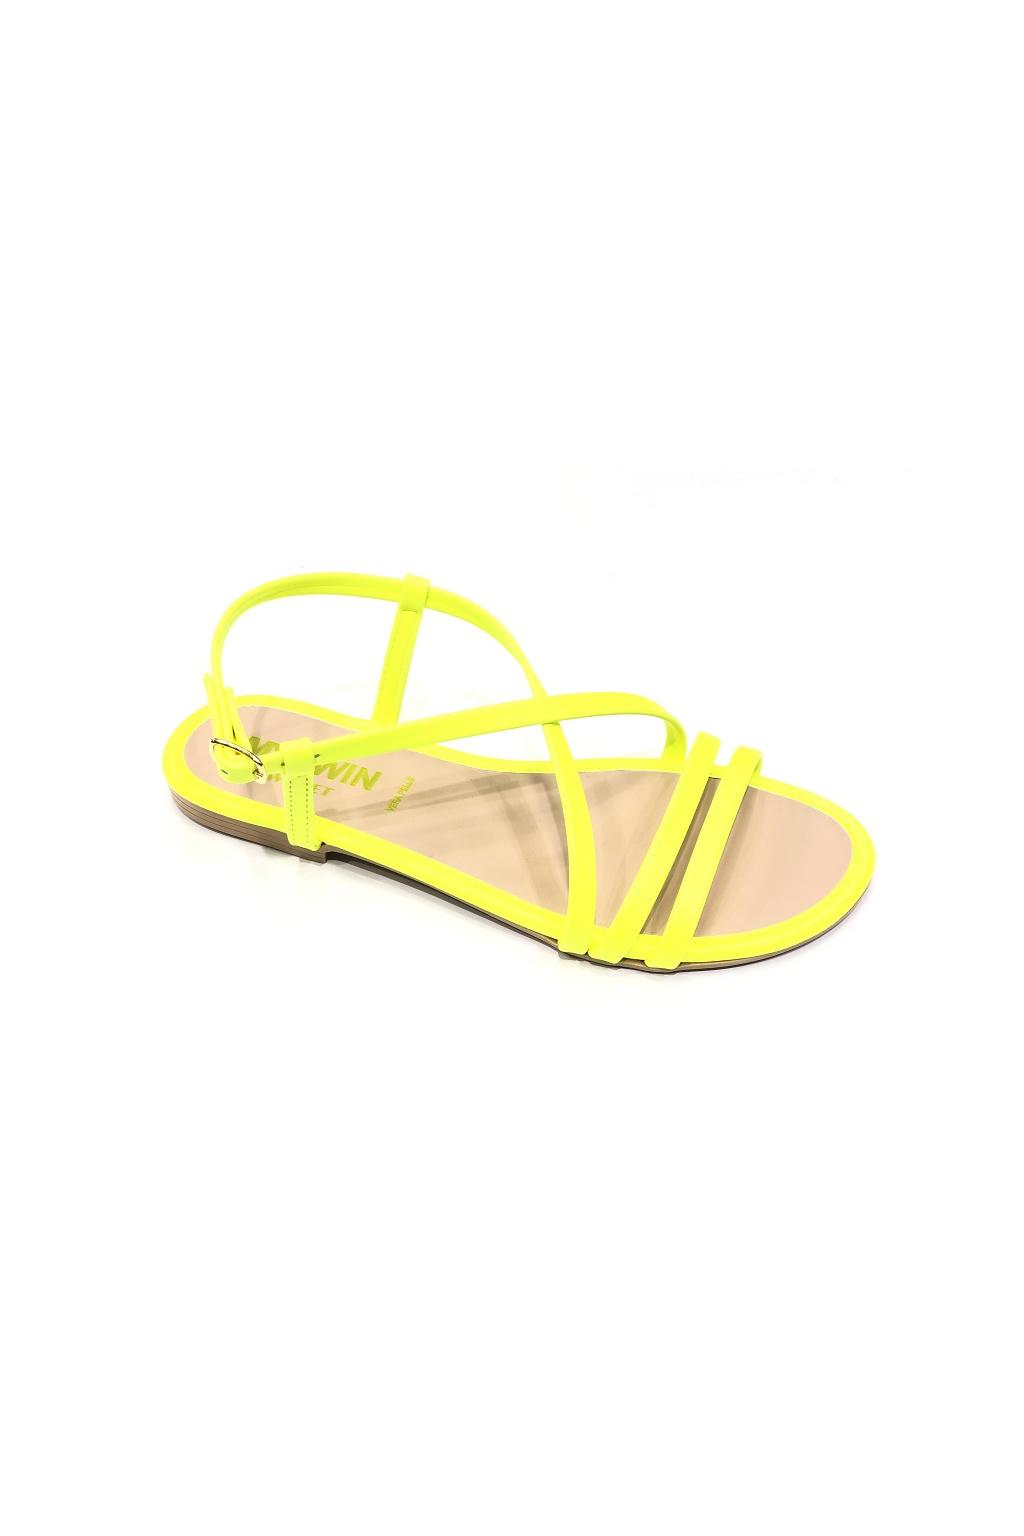 201MCT010 Dámské sandály Twinset žluté